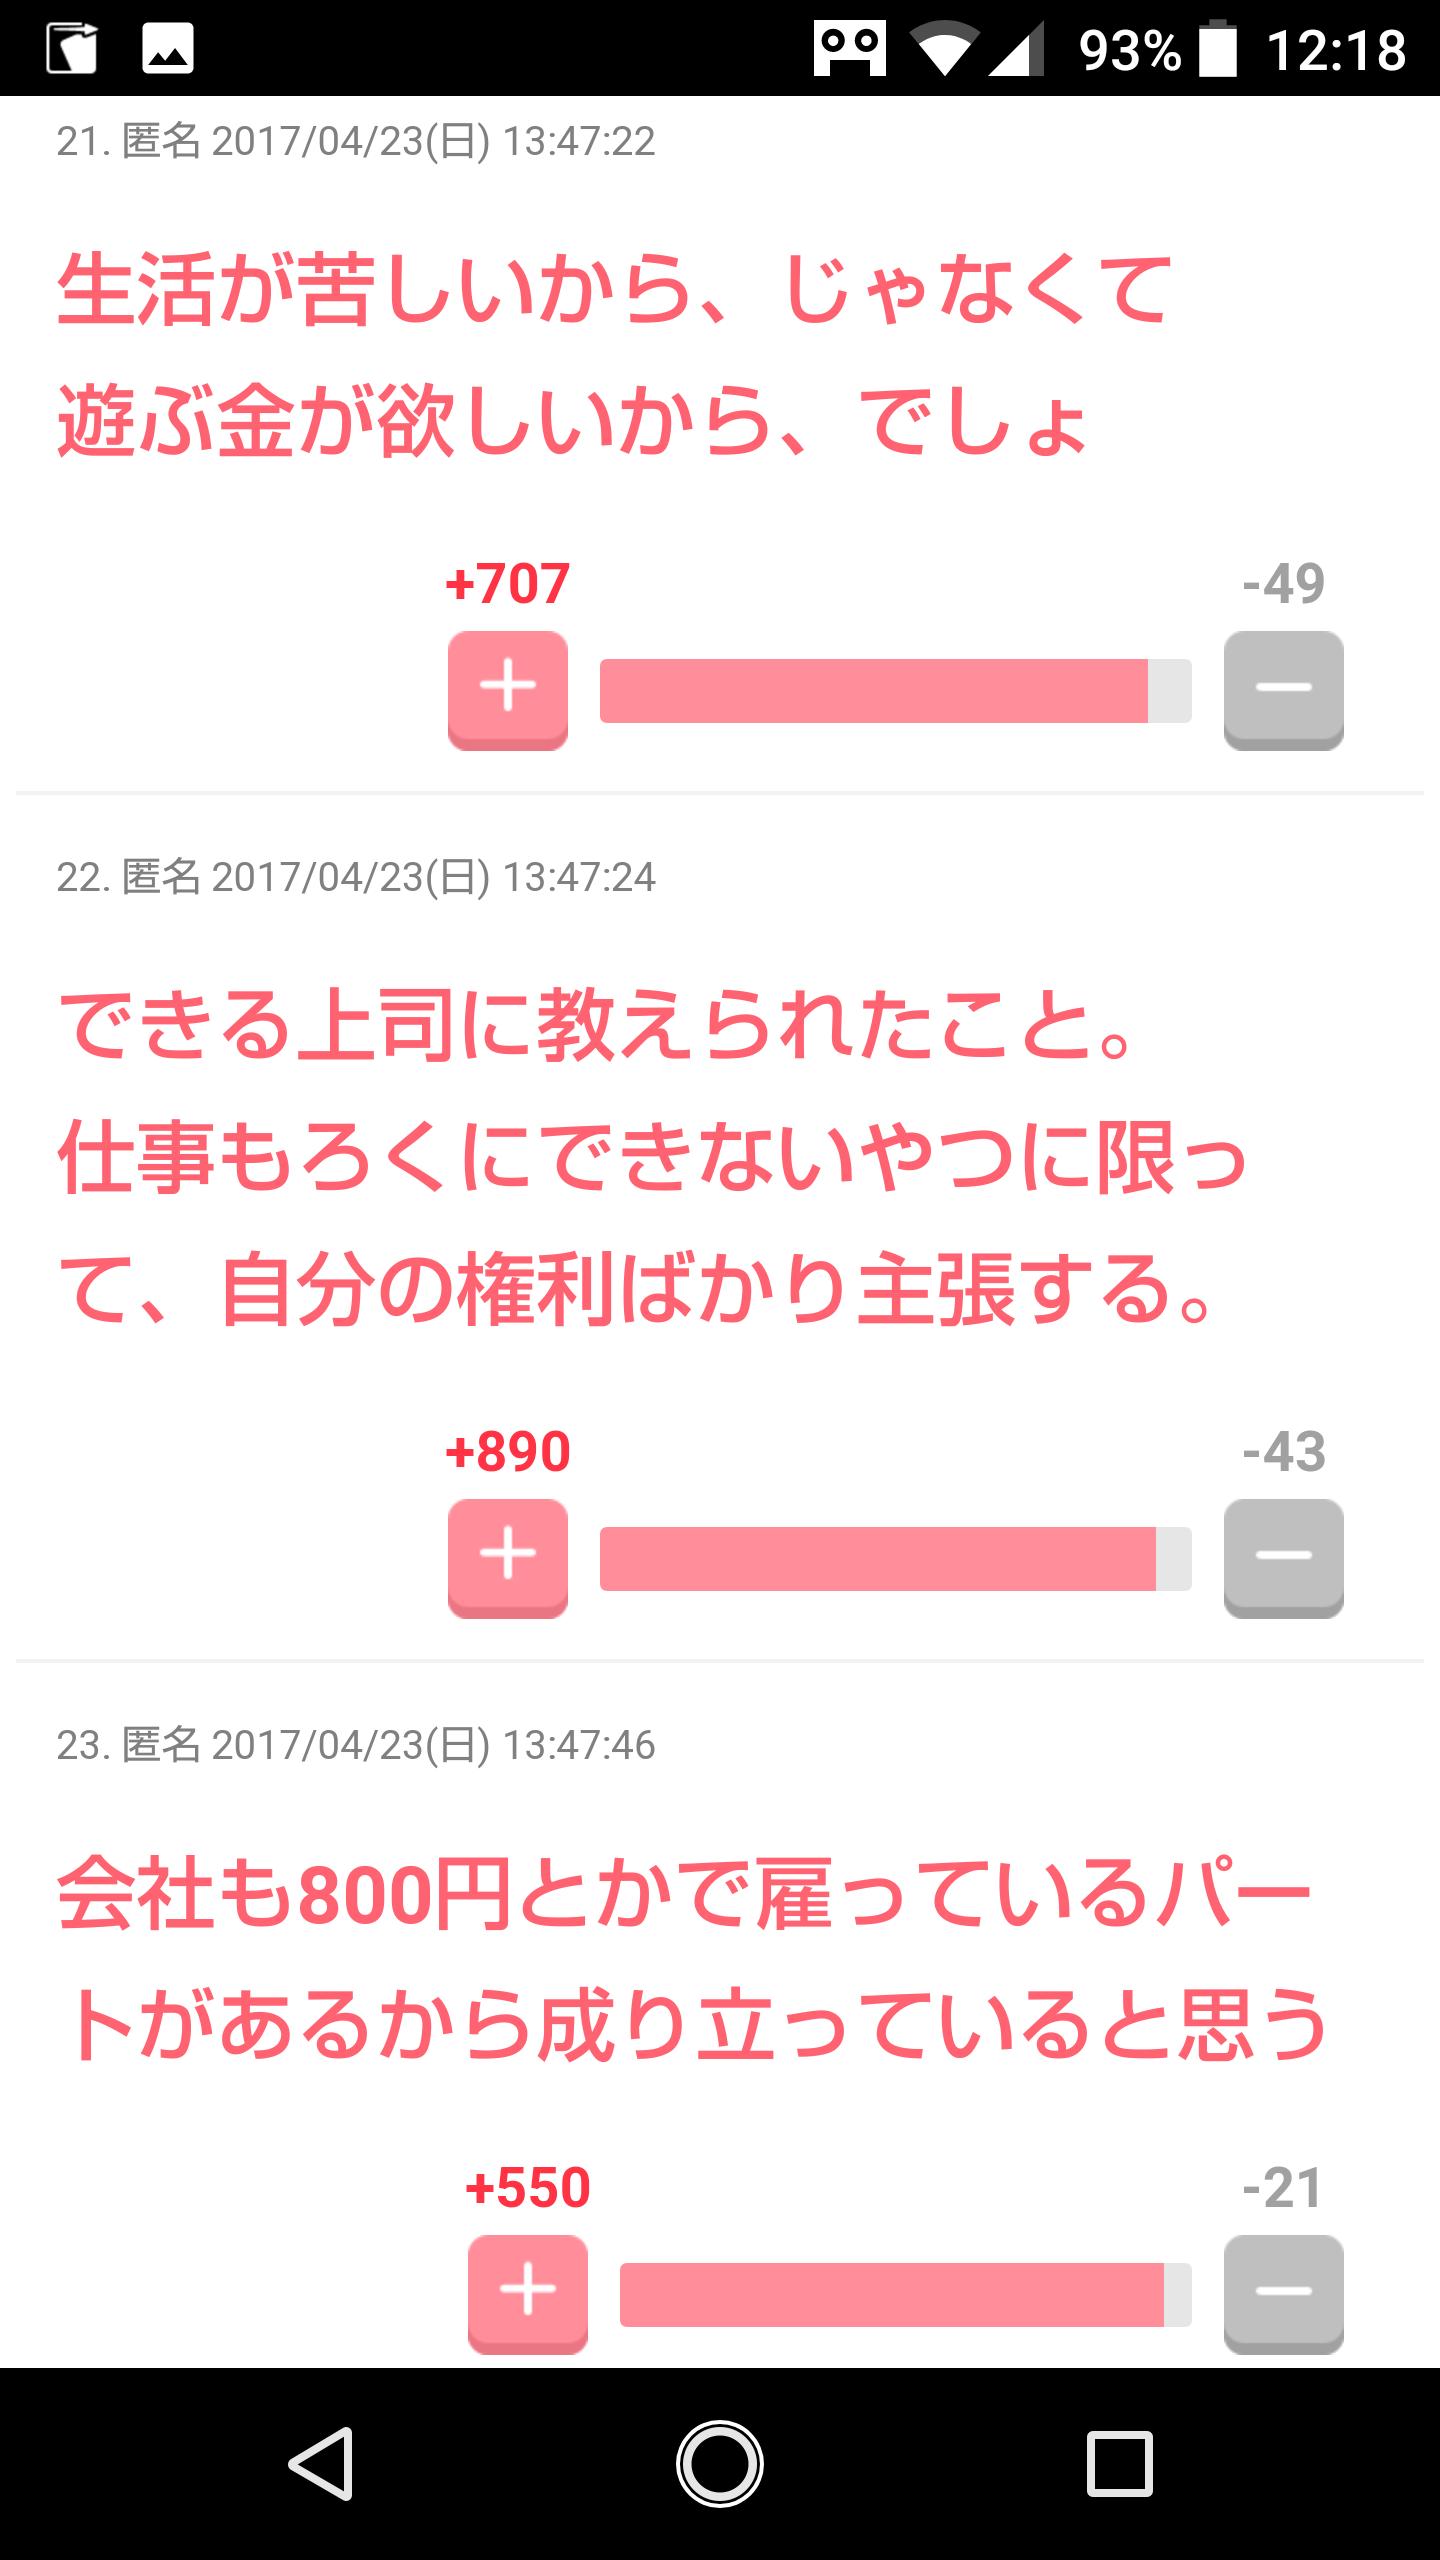 低すぎる 日本の最低賃金は「韓国以下」 2020年の適切な最低賃金は1313円